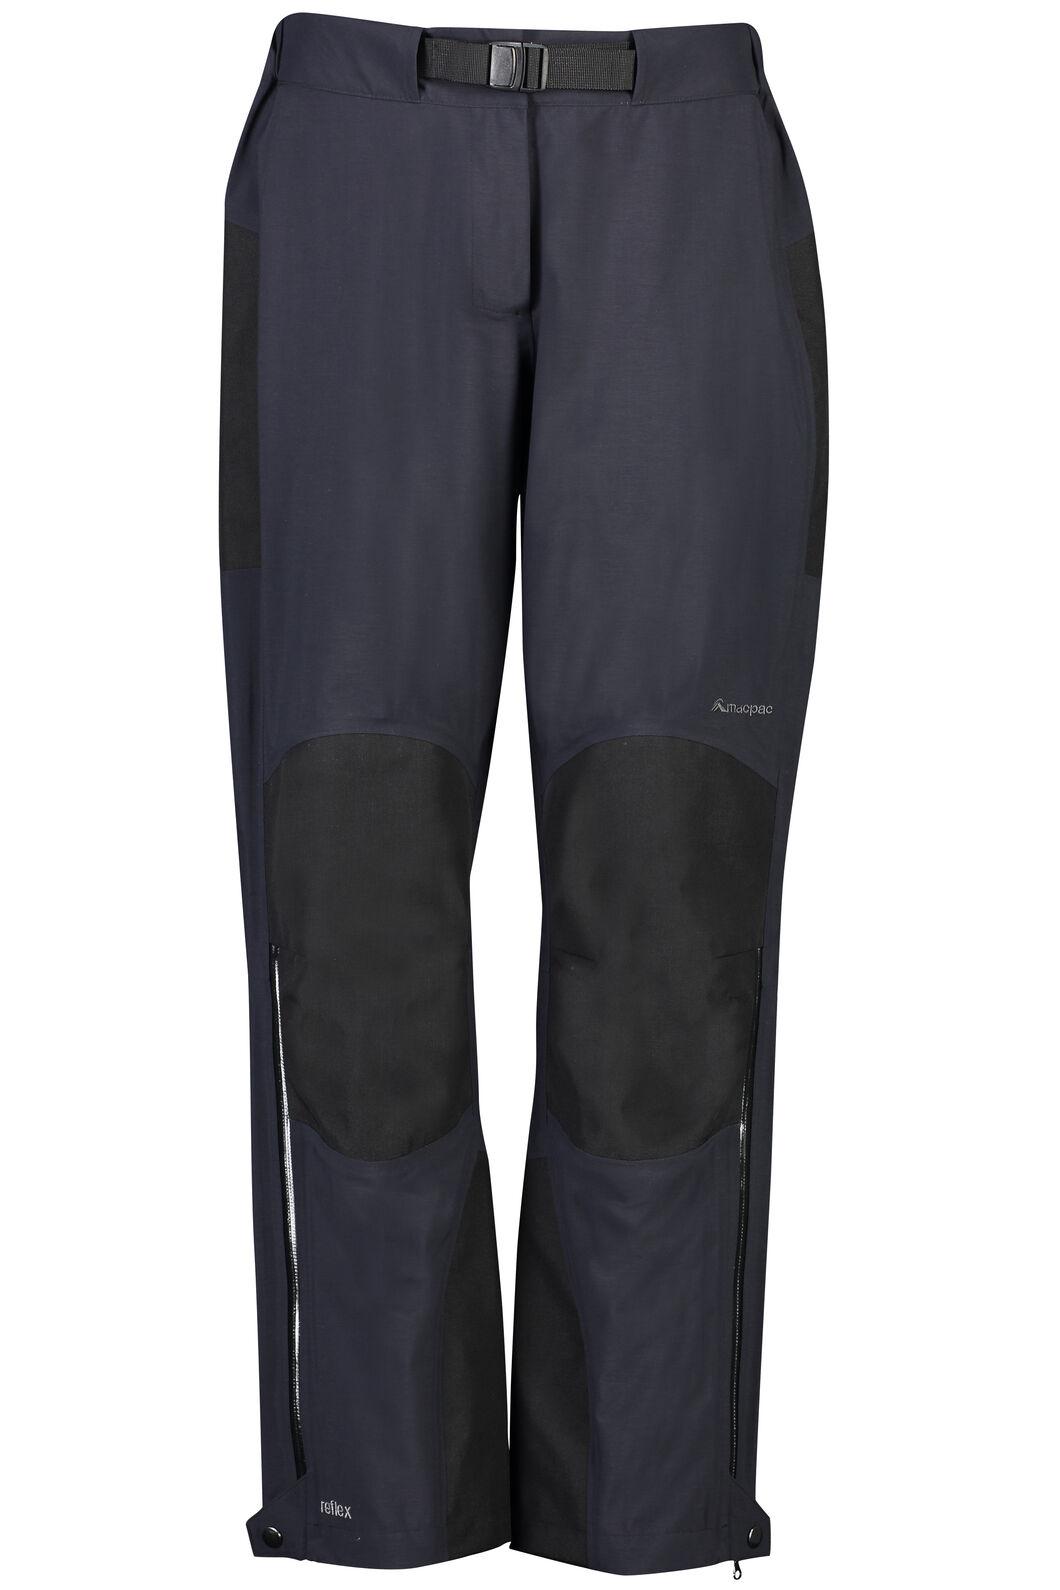 Macpac Gauge Rain Pants - Women's, Black, hi-res